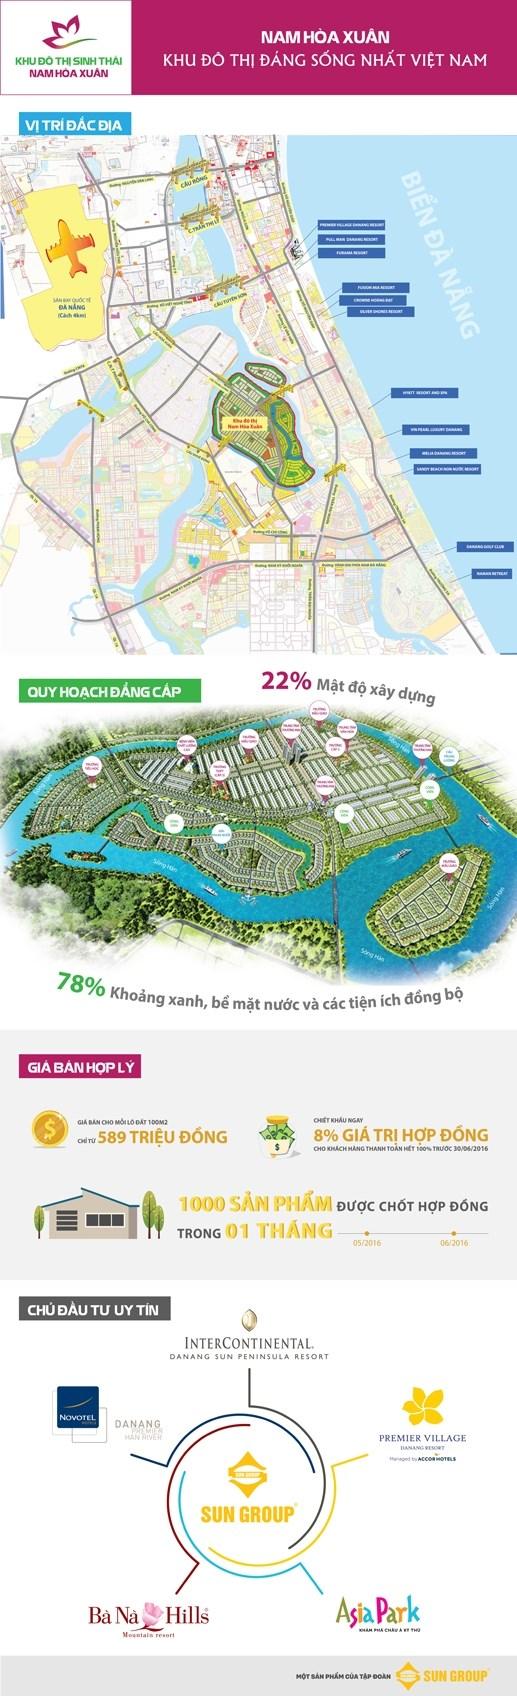 (Infographic) Nam Hòa Xuân: Khu đô thị sinh thái quốc tế hàng đầu Đà Nẵng